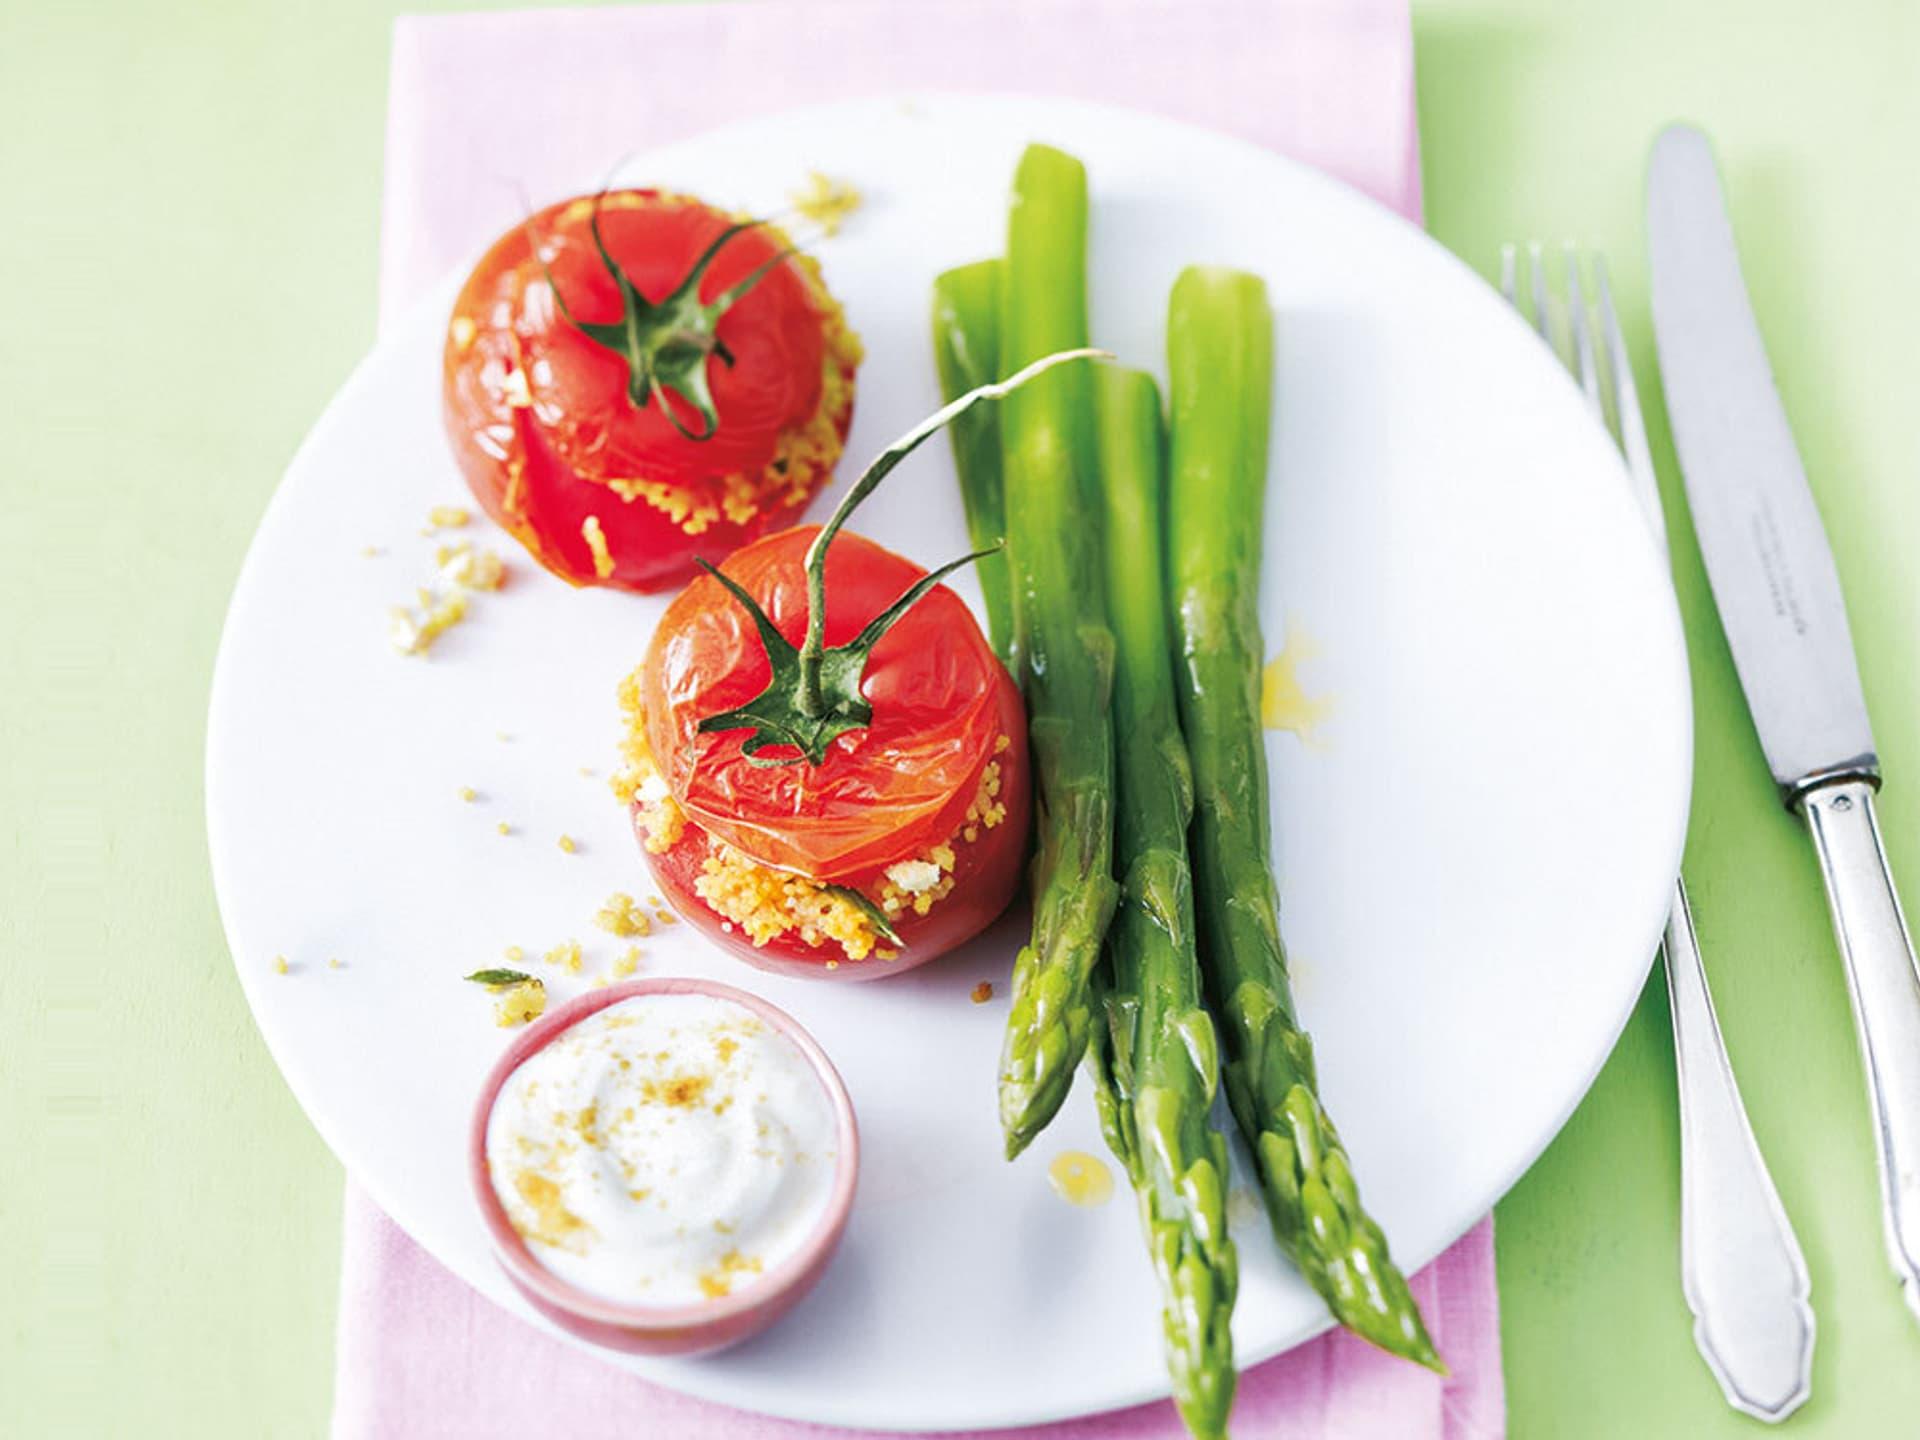 Spargel couscous ofen tomaten an spargel